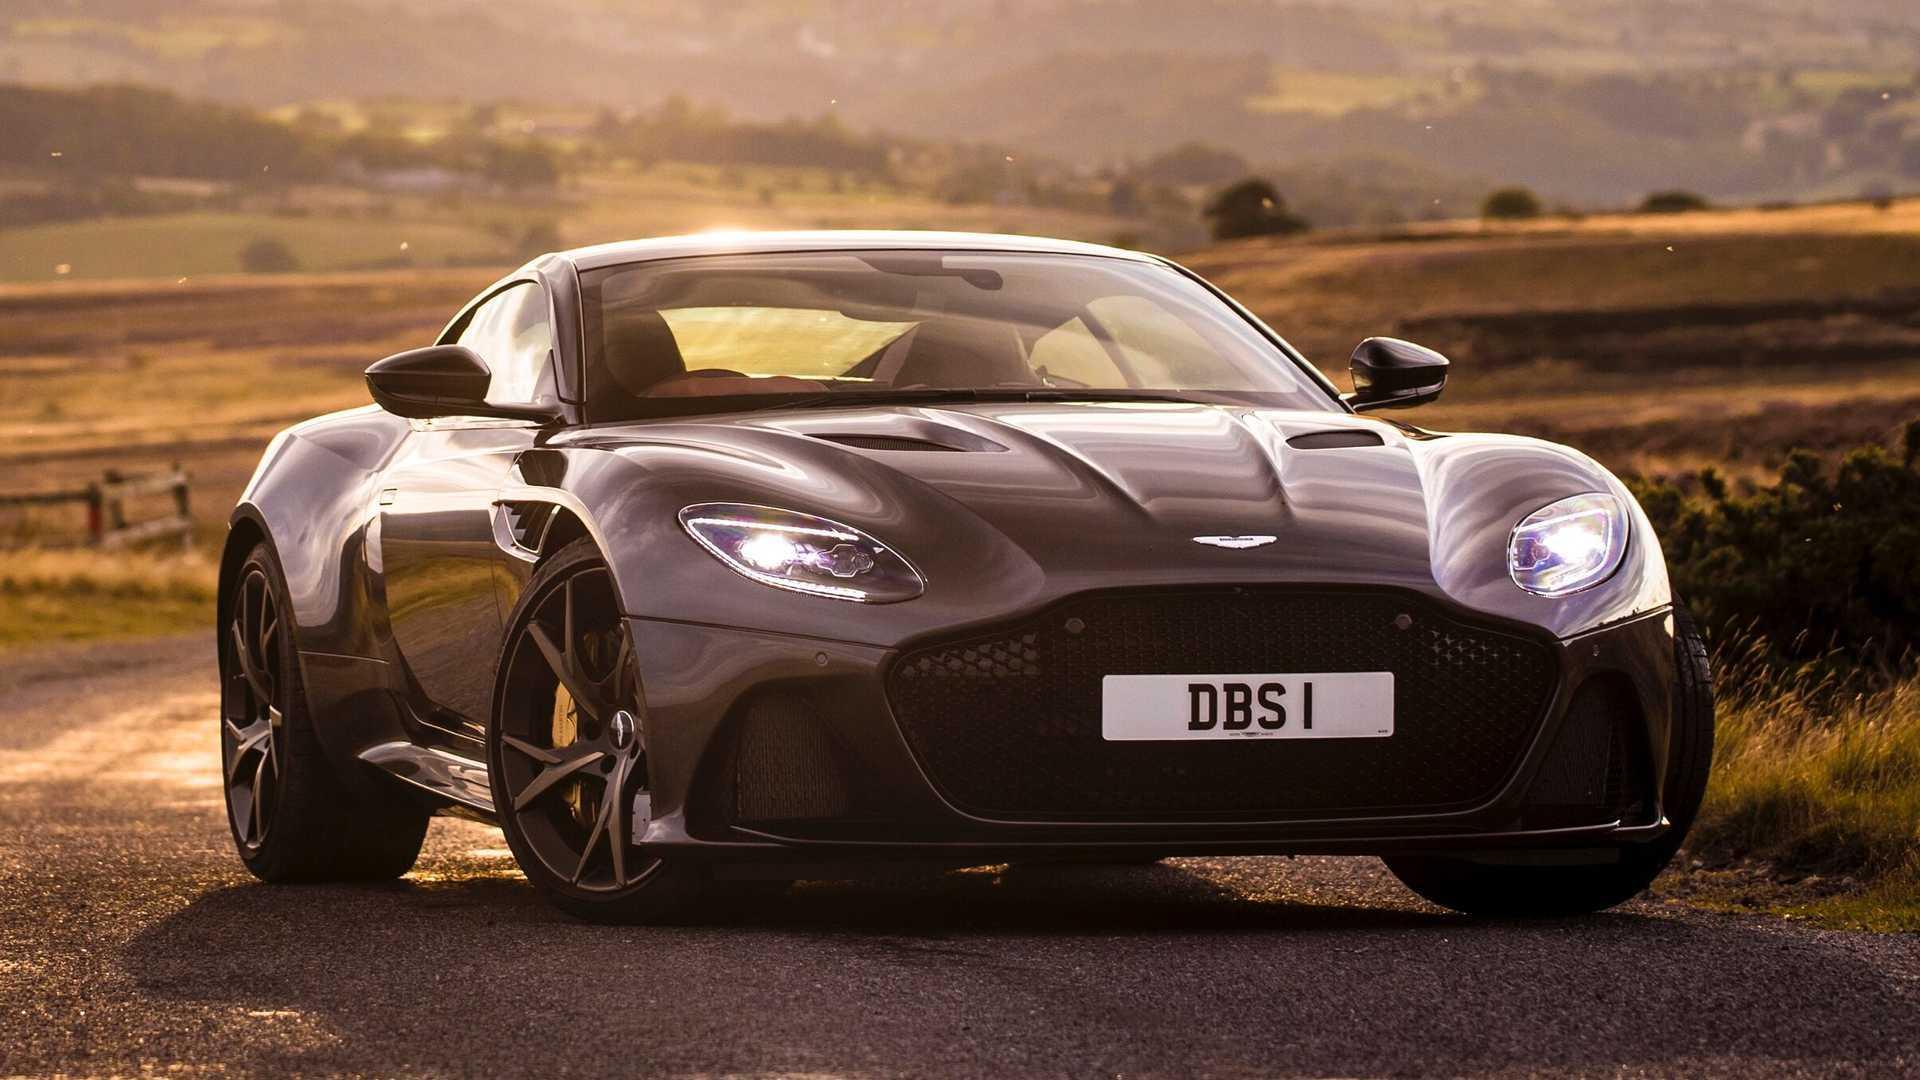 Aston Martin Dbs Superleggera News And Reviews Motor1 Com